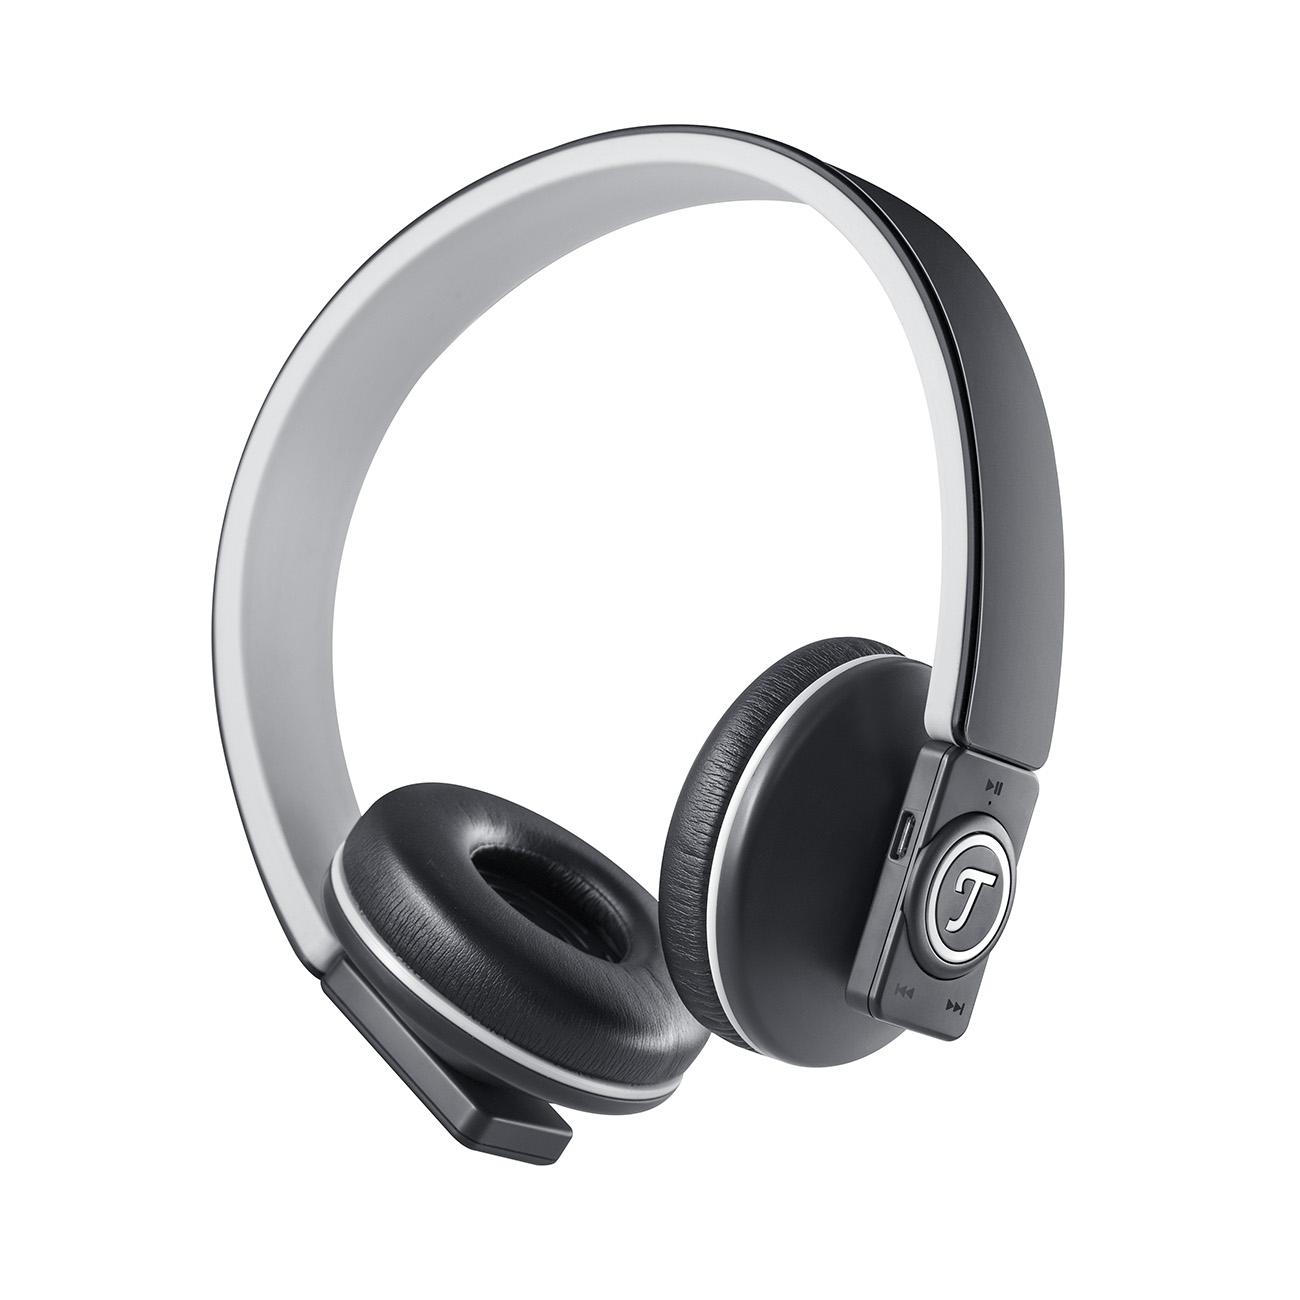 Teufel Airy Bluetooth-Kopfhörer (schwarz, weiß, türkis) [Black Friday Sale] via Warehouse Deals für 78,21€ (Wie neu) oder 74,56 (sehr gut)